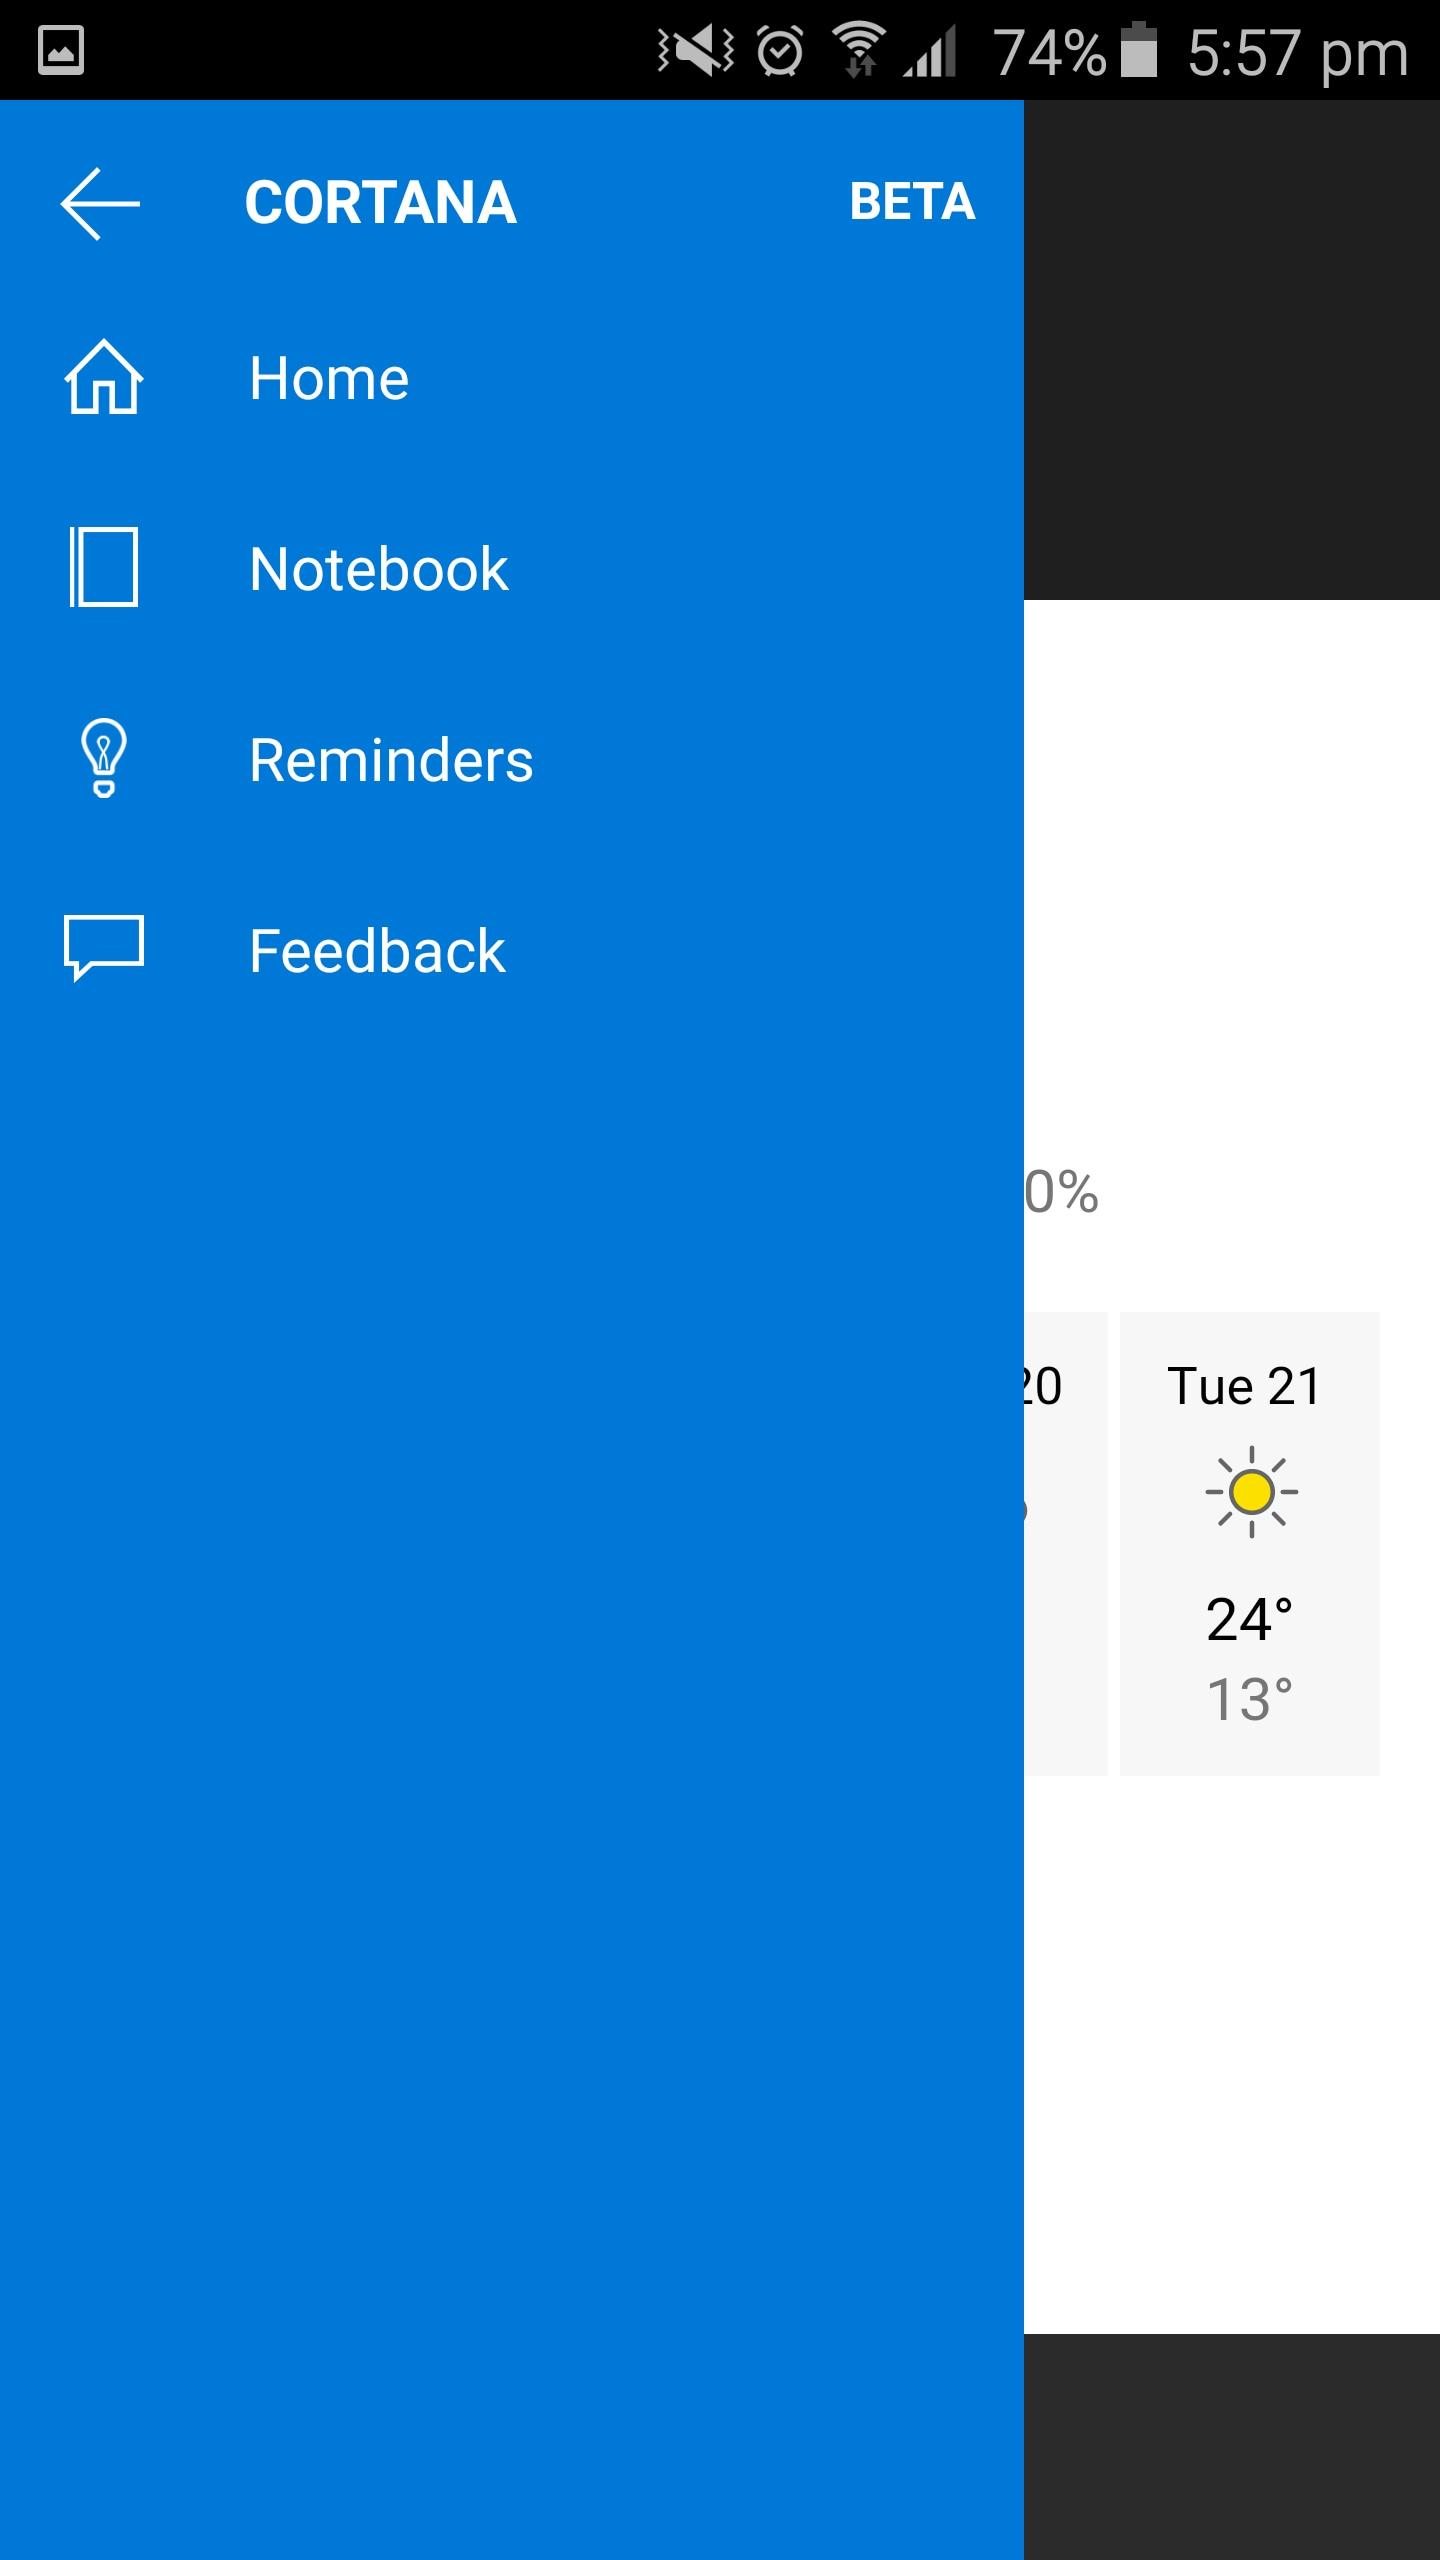 Provate Subito Cortana Per Android Con La Prima Versione